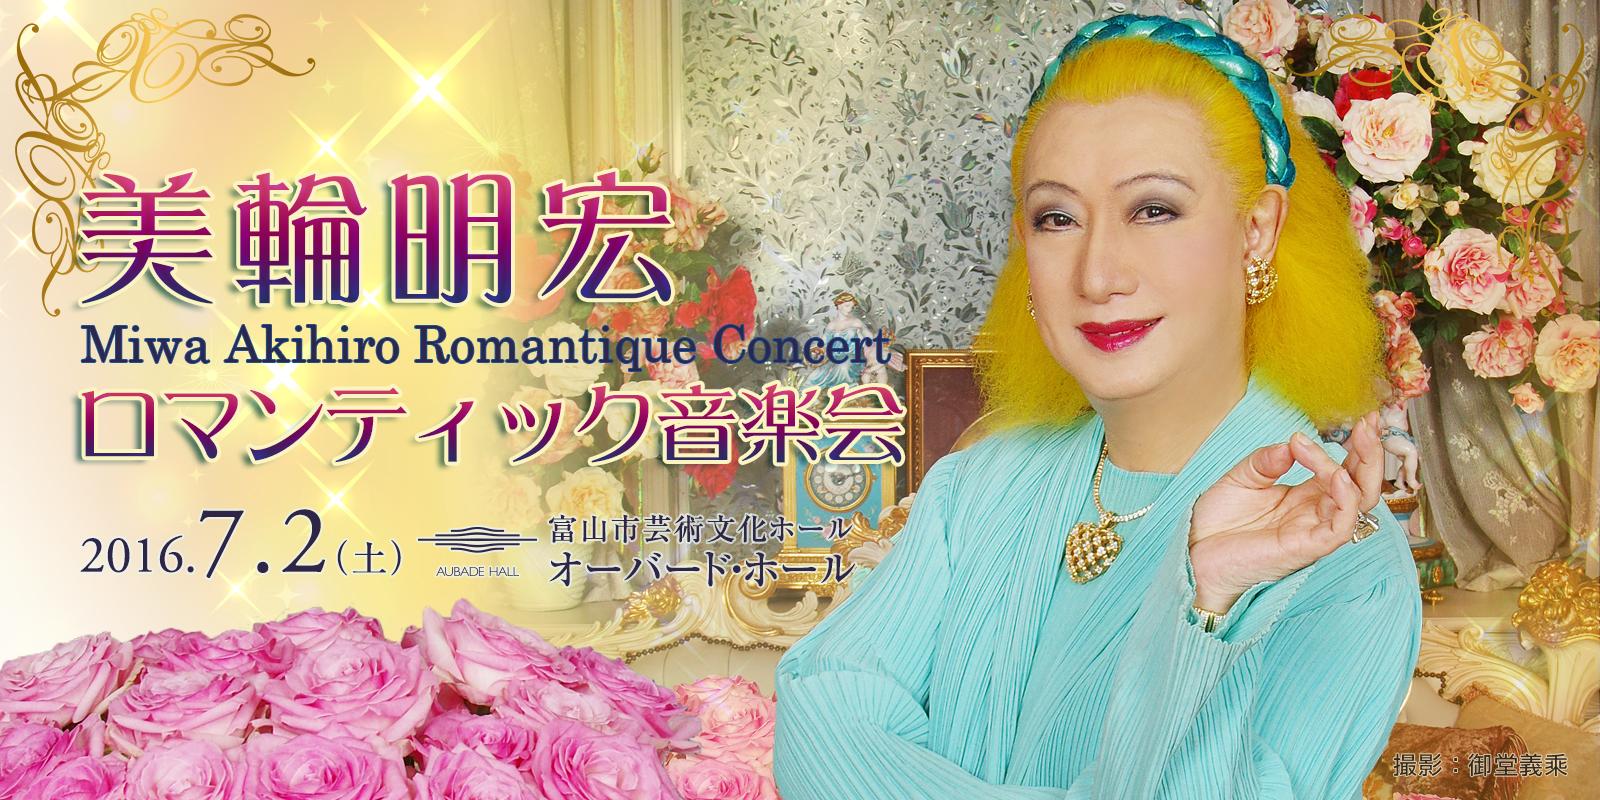 美輪明宏 ロマンティック音楽会